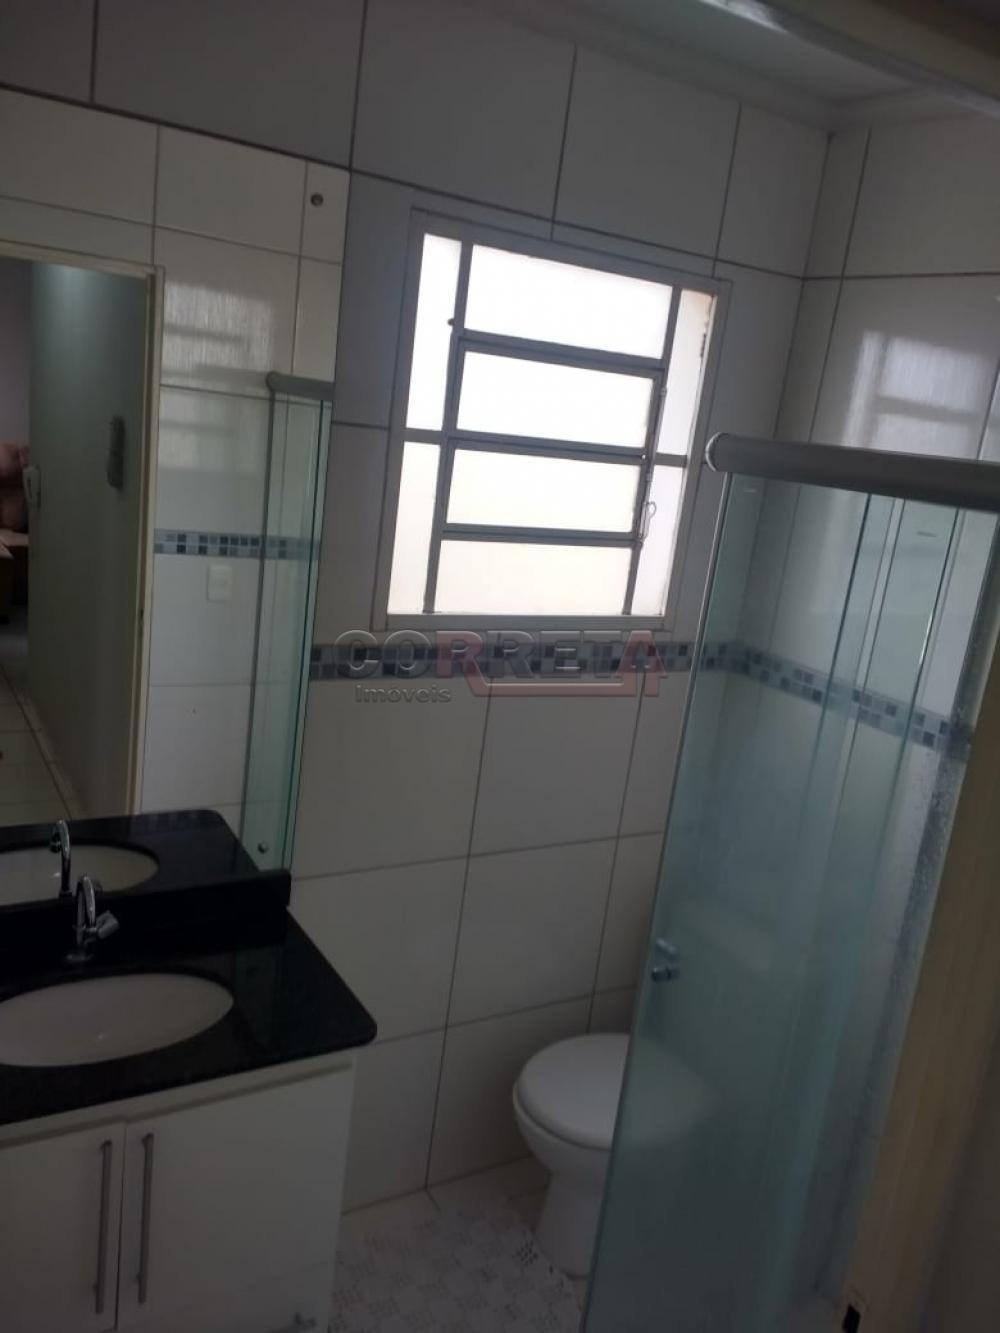 Comprar Apartamento / Padrão em Araçatuba R$ 130.000,00 - Foto 13